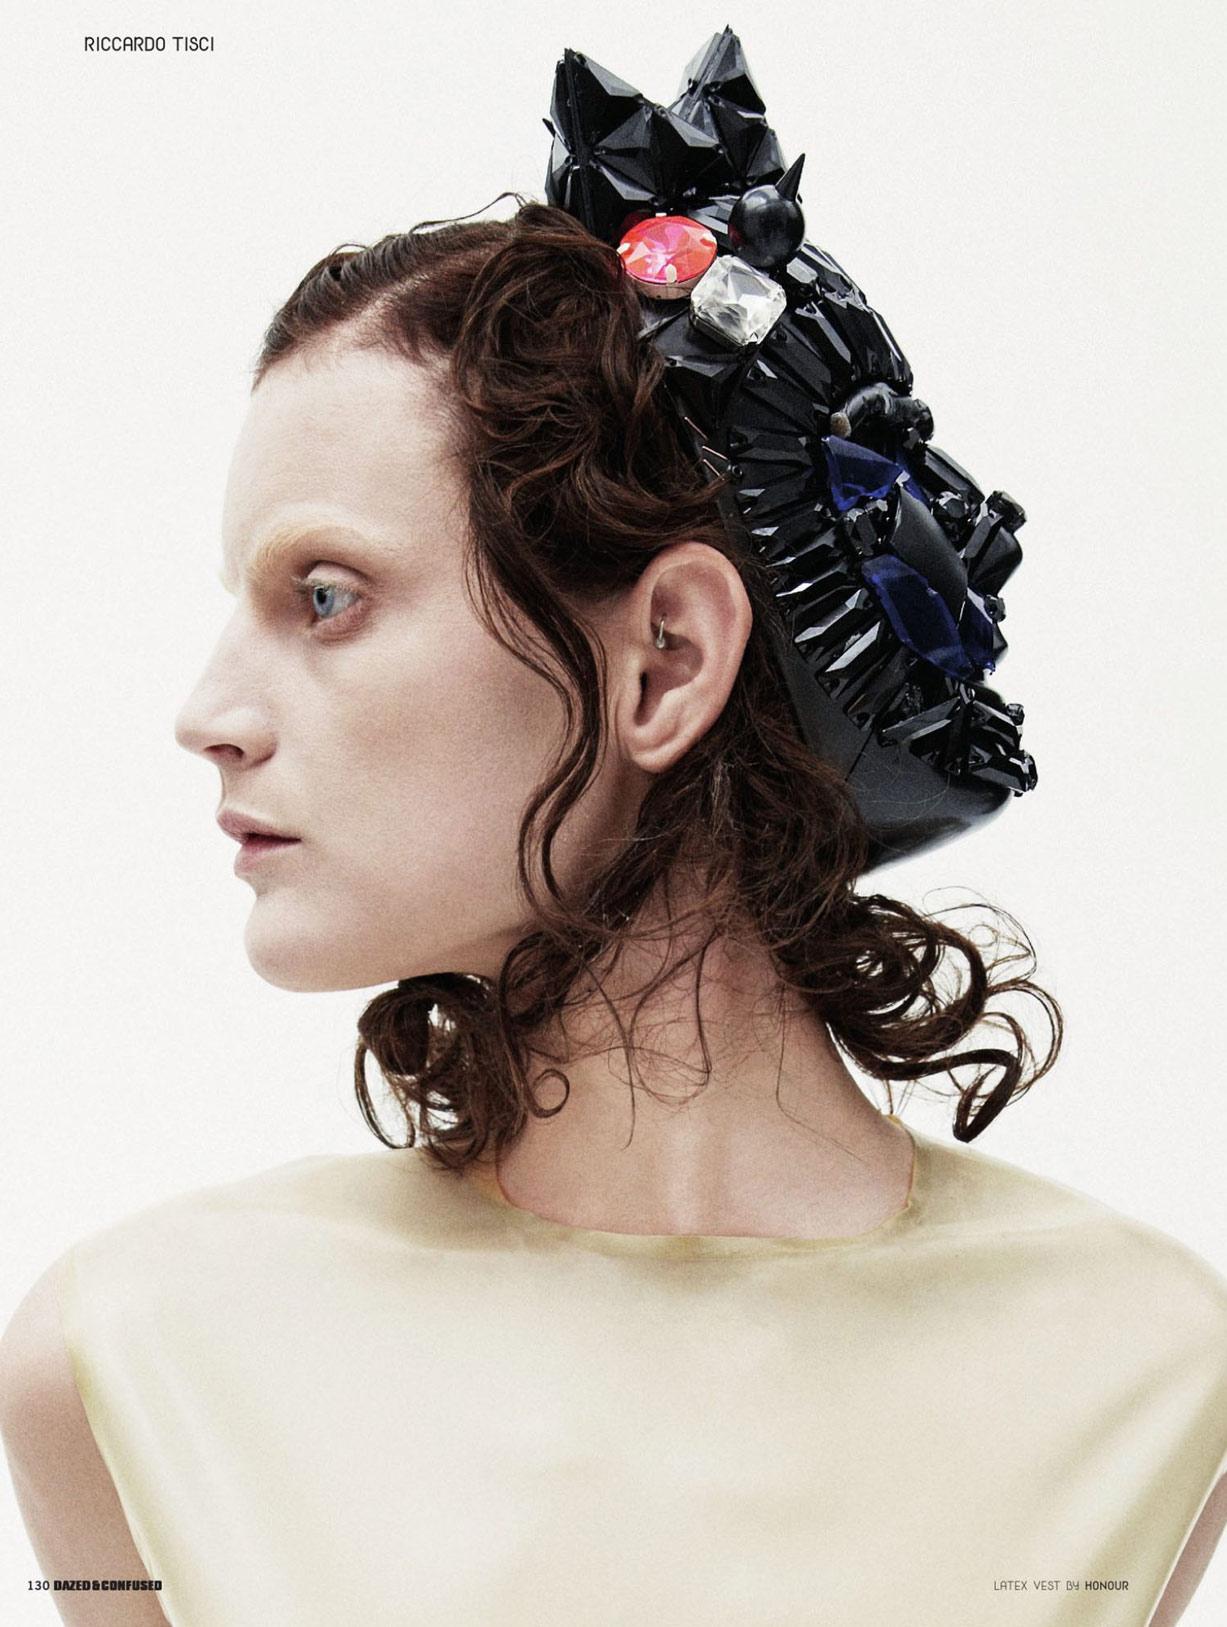 Franken-Fashion - Женевье ван Синус / Guinevere van Seenus by Daniel Jackson in Dazed & Confused october 2009 / Make Me A Monster